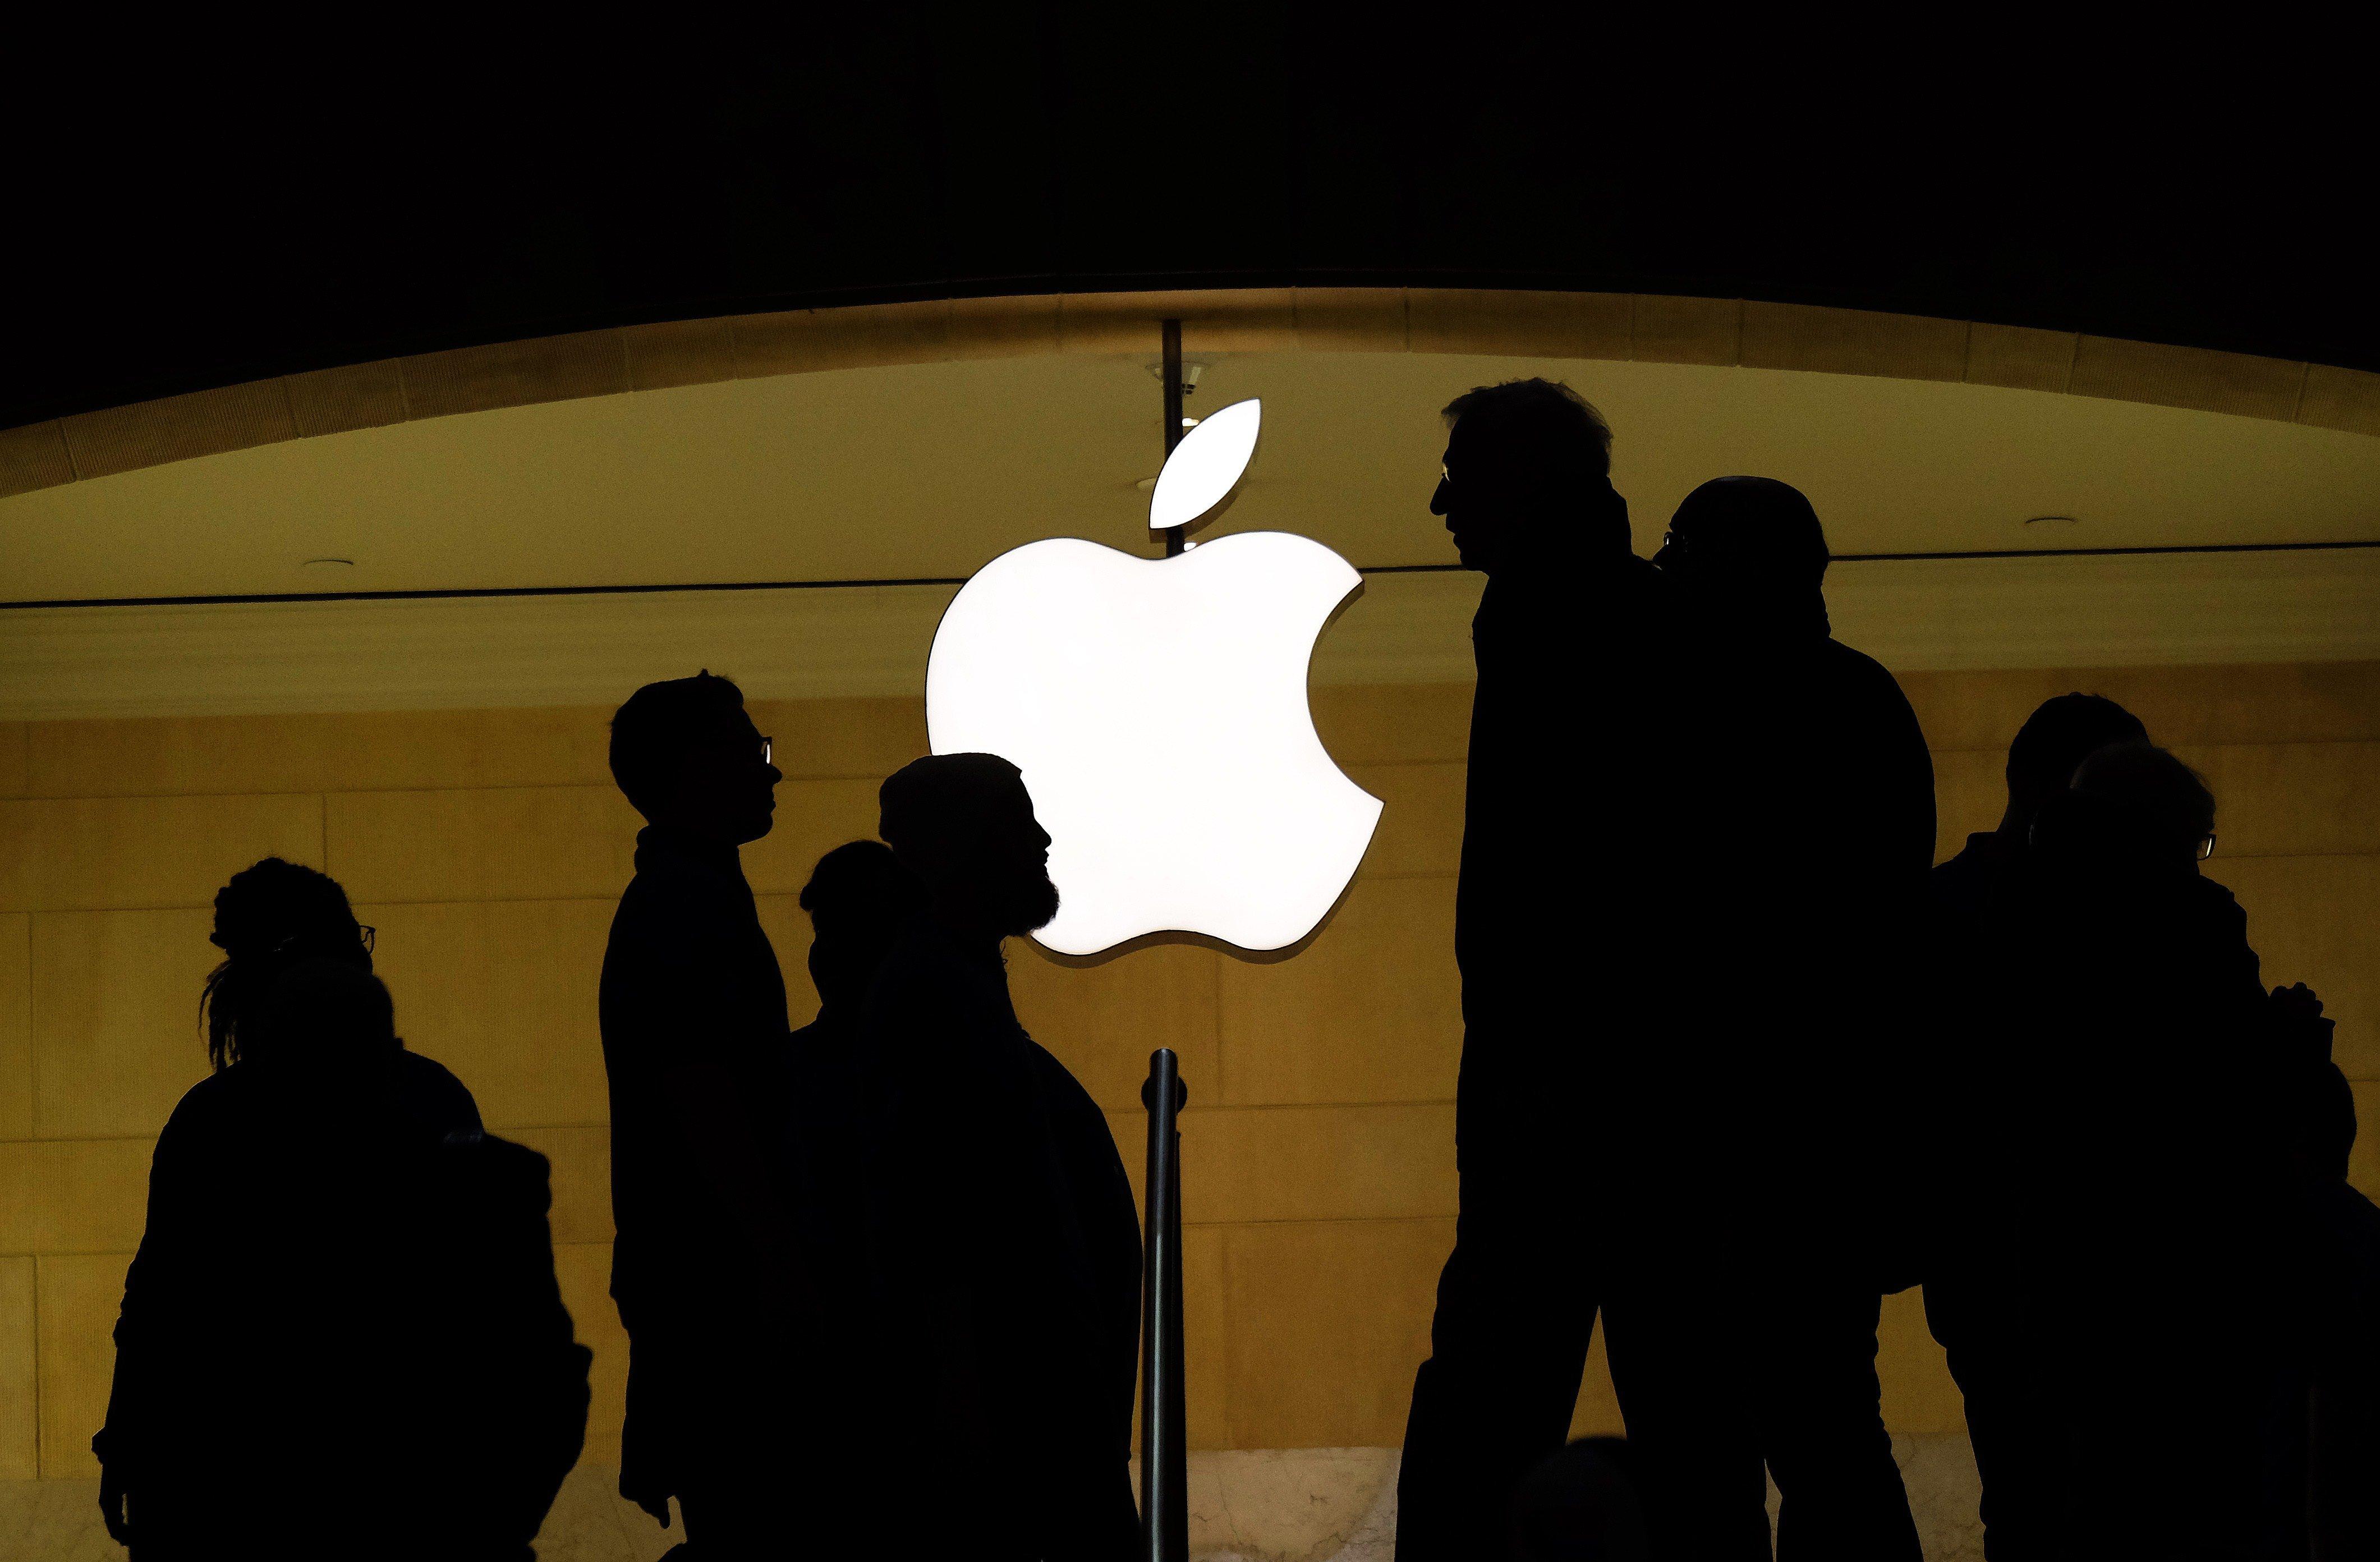 9월에 새로 나올 애플 아이폰, 아이패드에 대한 루머를